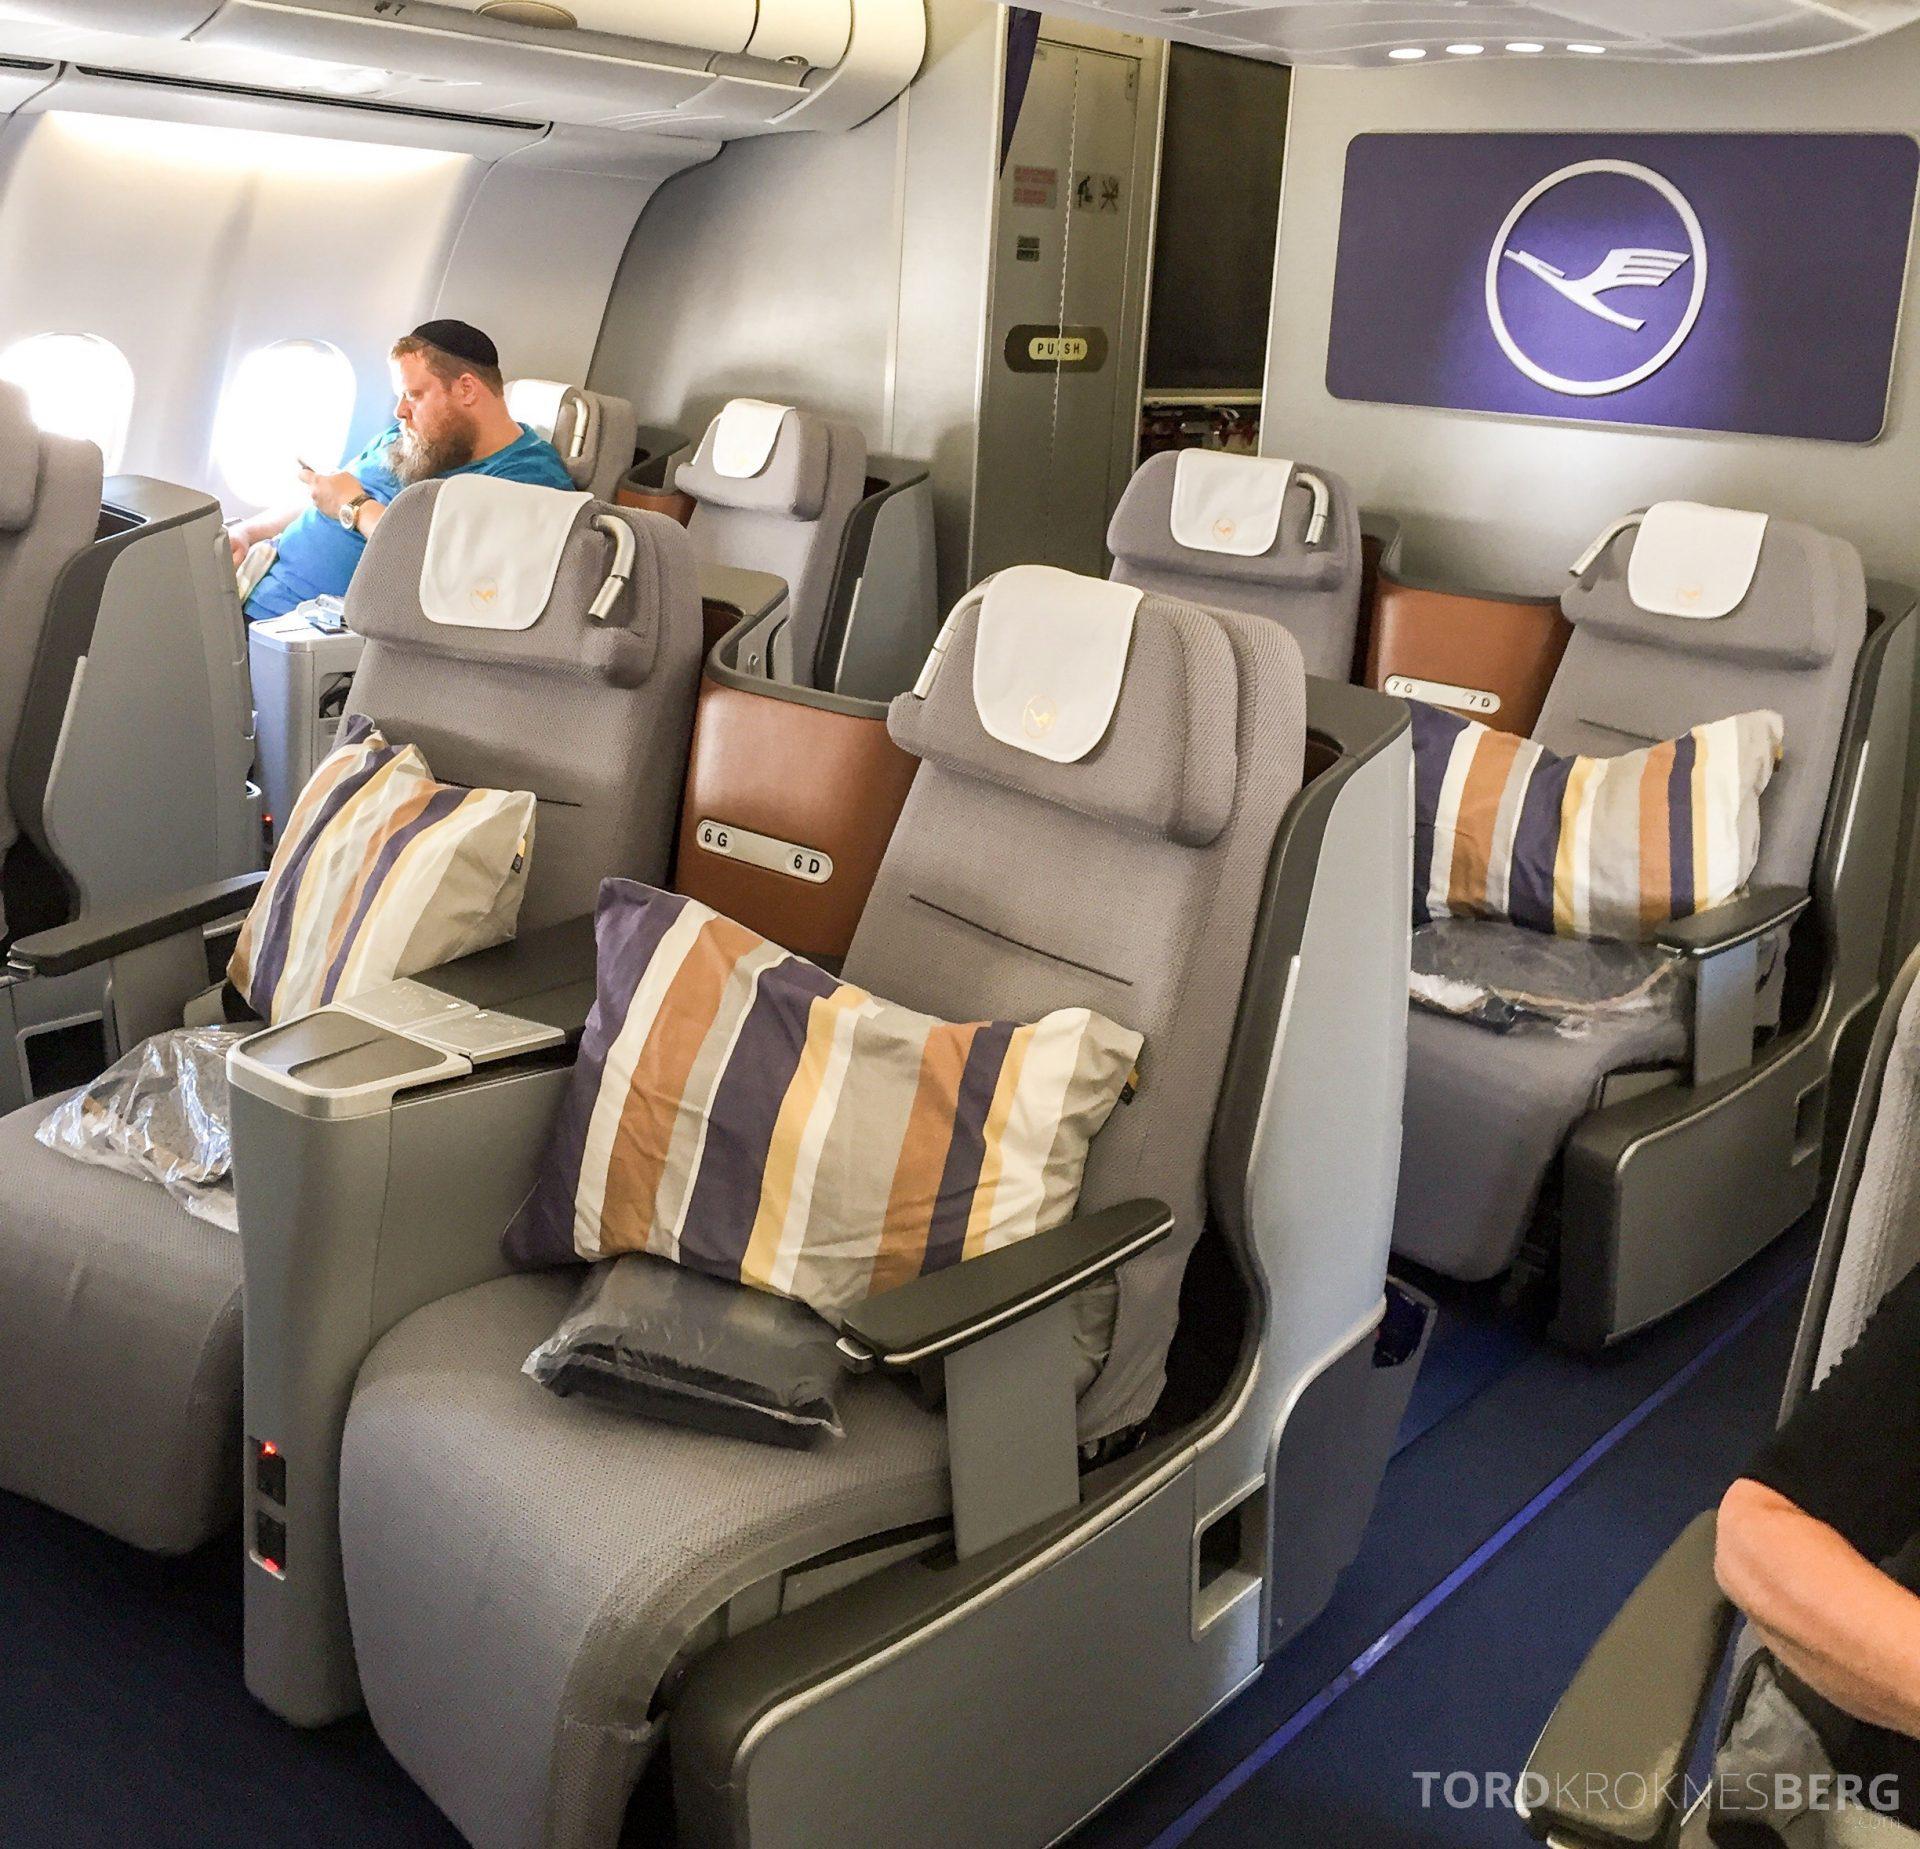 Lufthansa Business Class München til New York seter